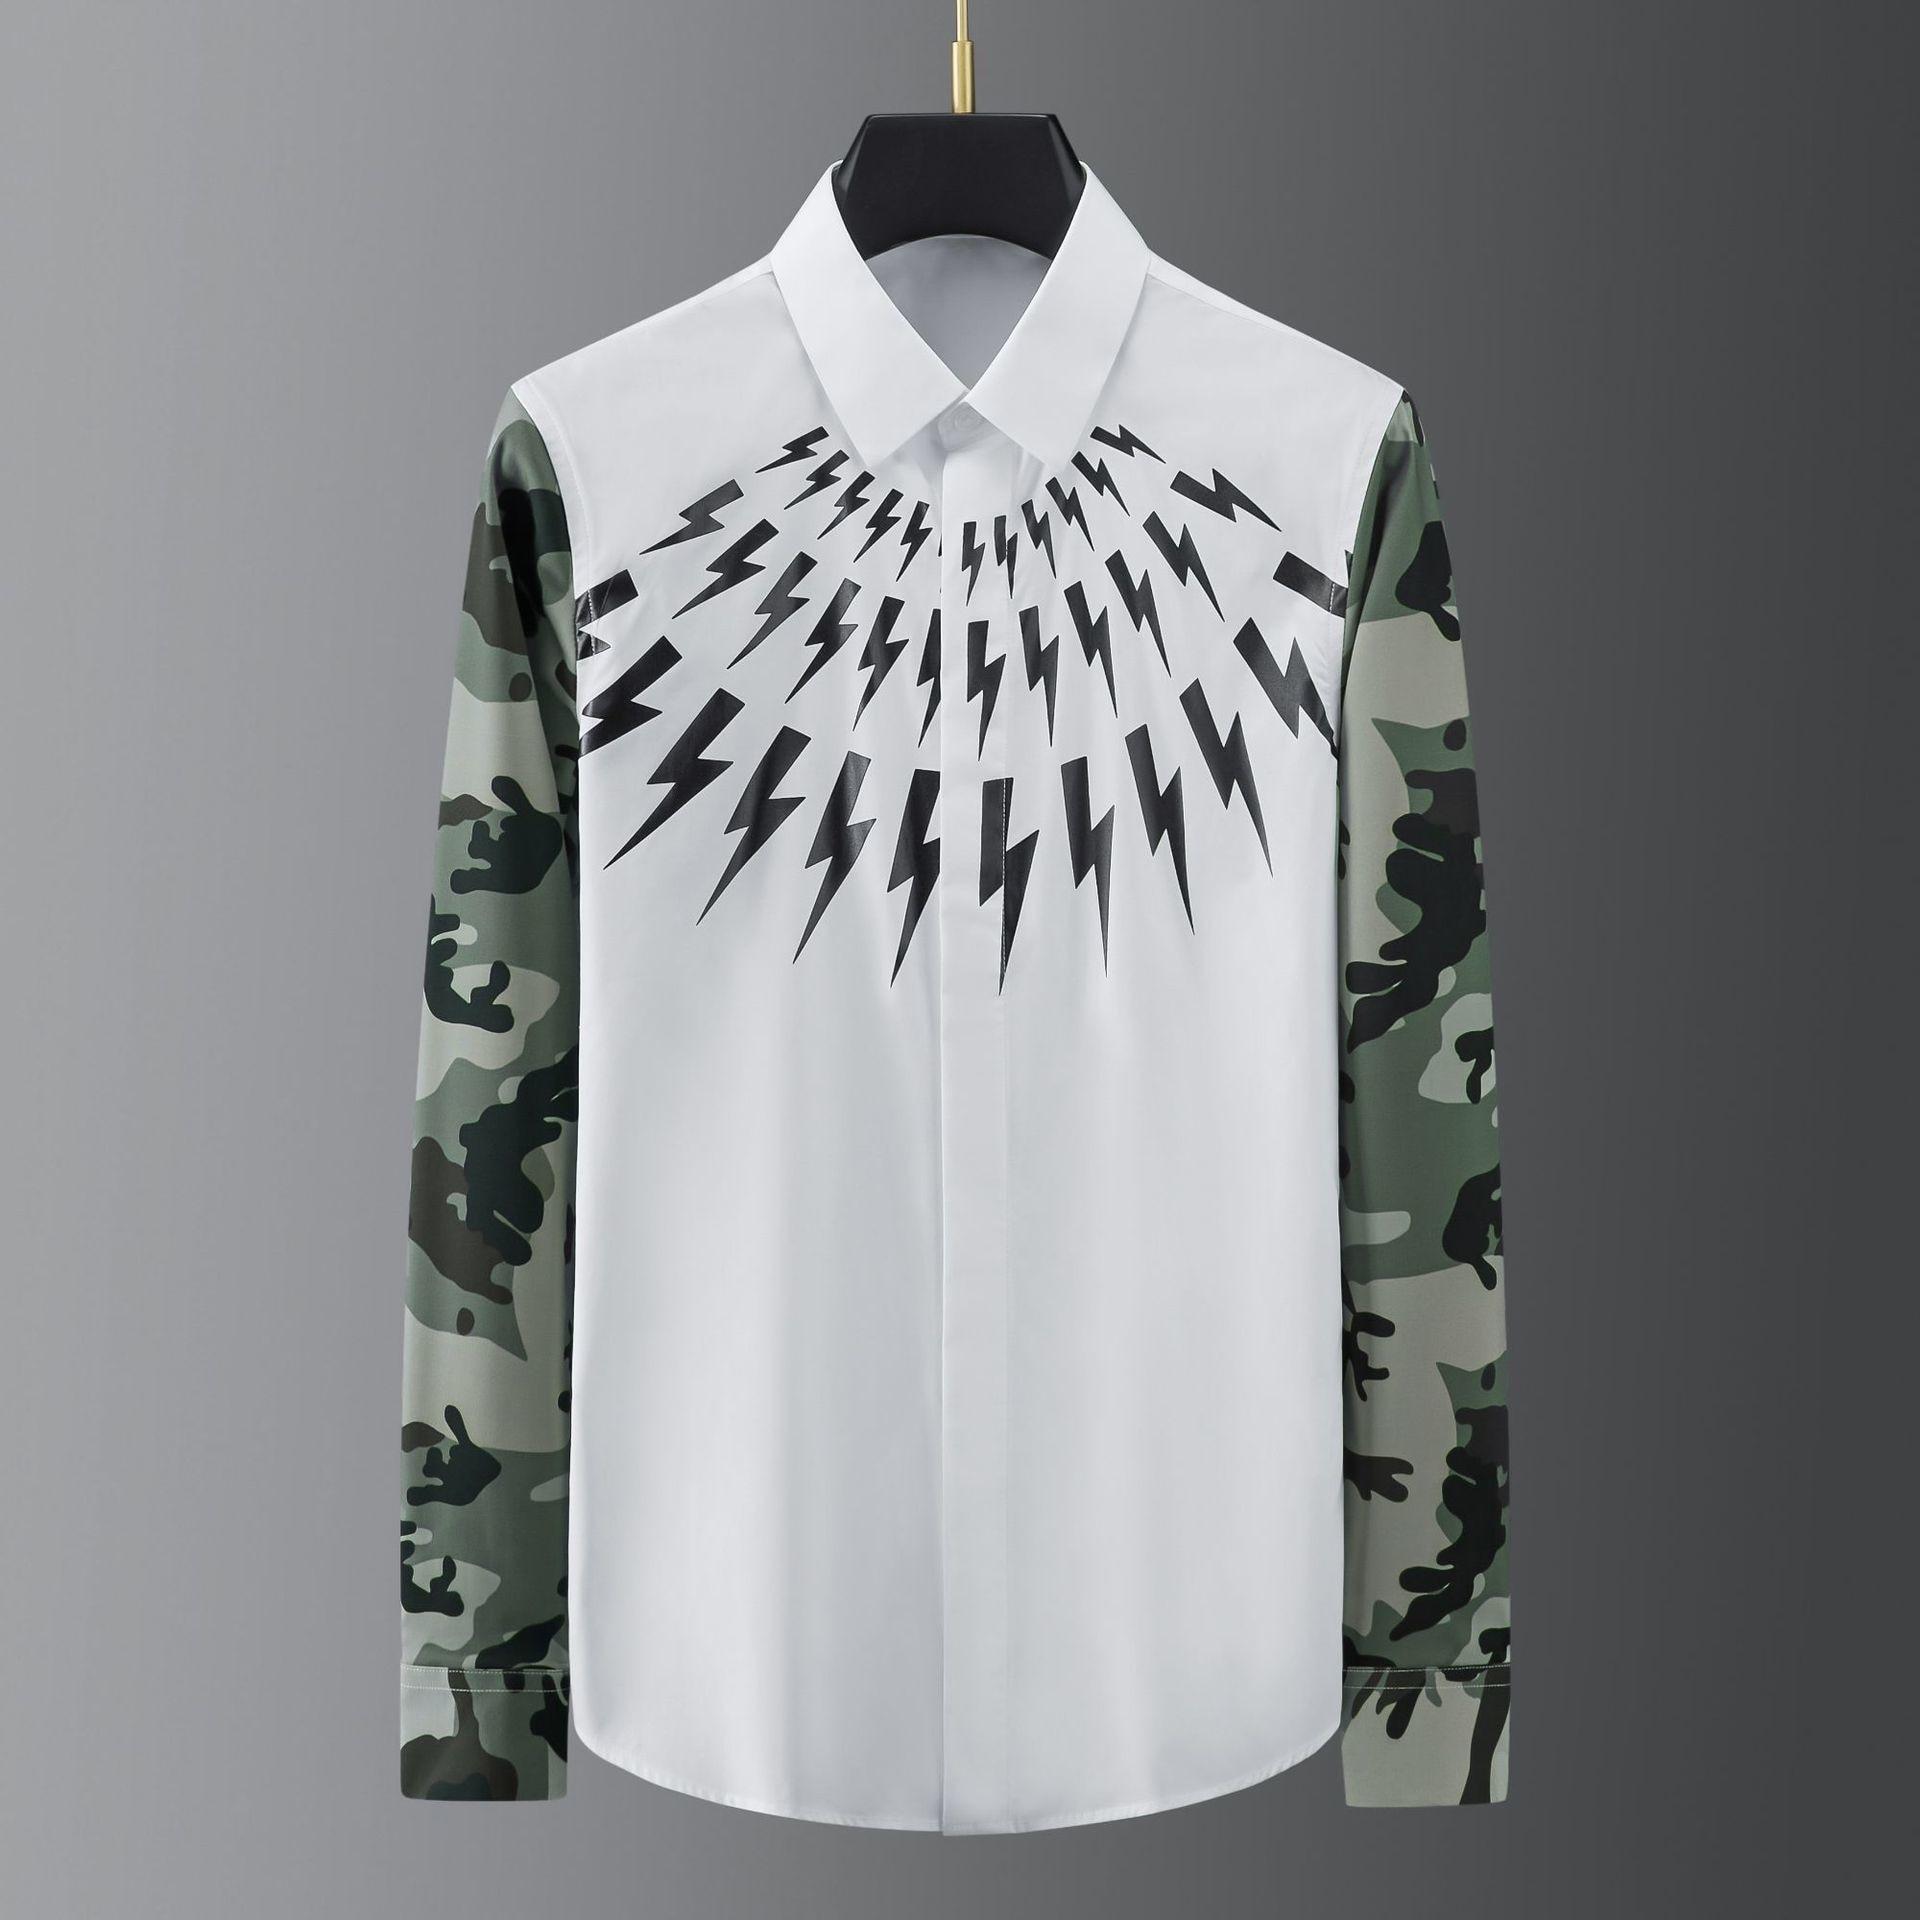 عالية الجودة خياطة الرجال قميص عادية سليم قميص الرجال التمويه طباعة نادي حفلة الاجتماعية قميص ملابس الشارع الشهير قميص أوم